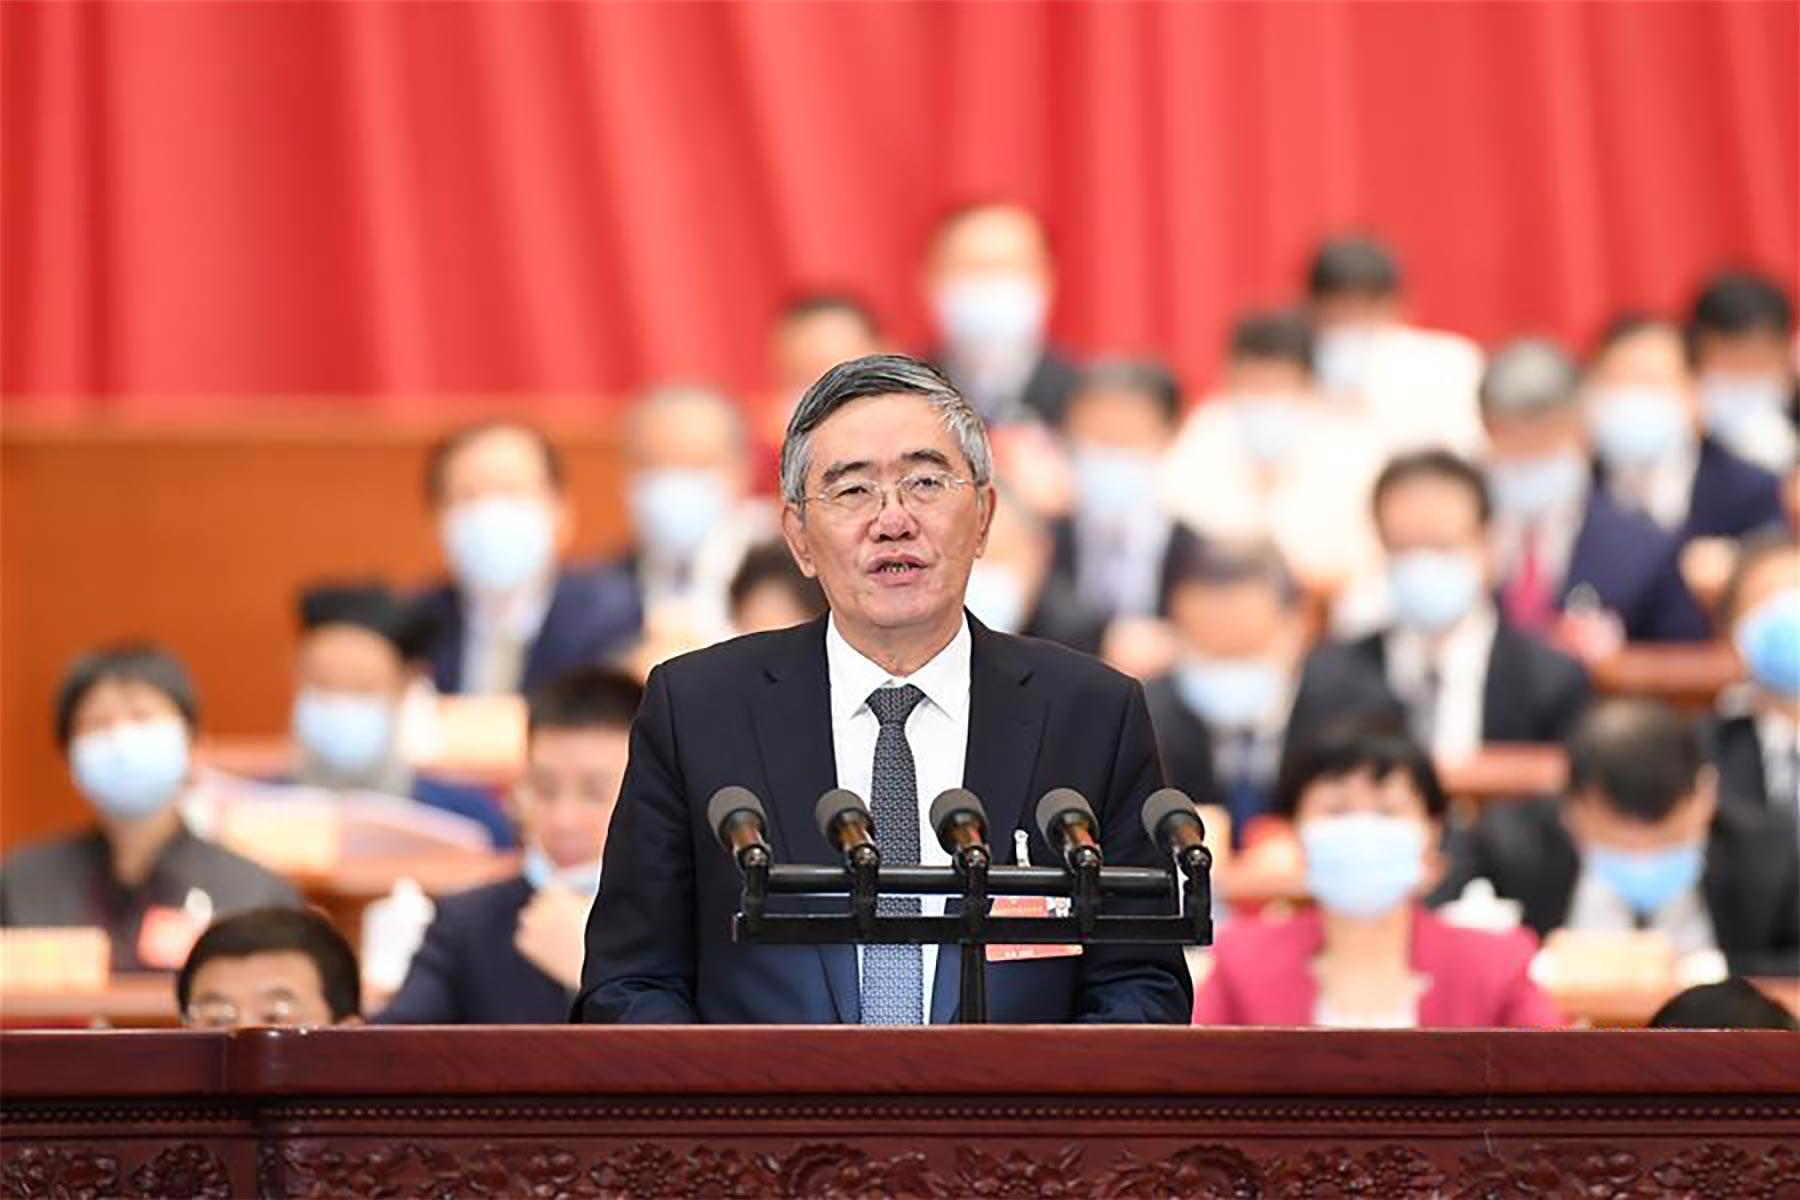 杨伟民委员作大会发言。 新华社记者 燕雁 摄